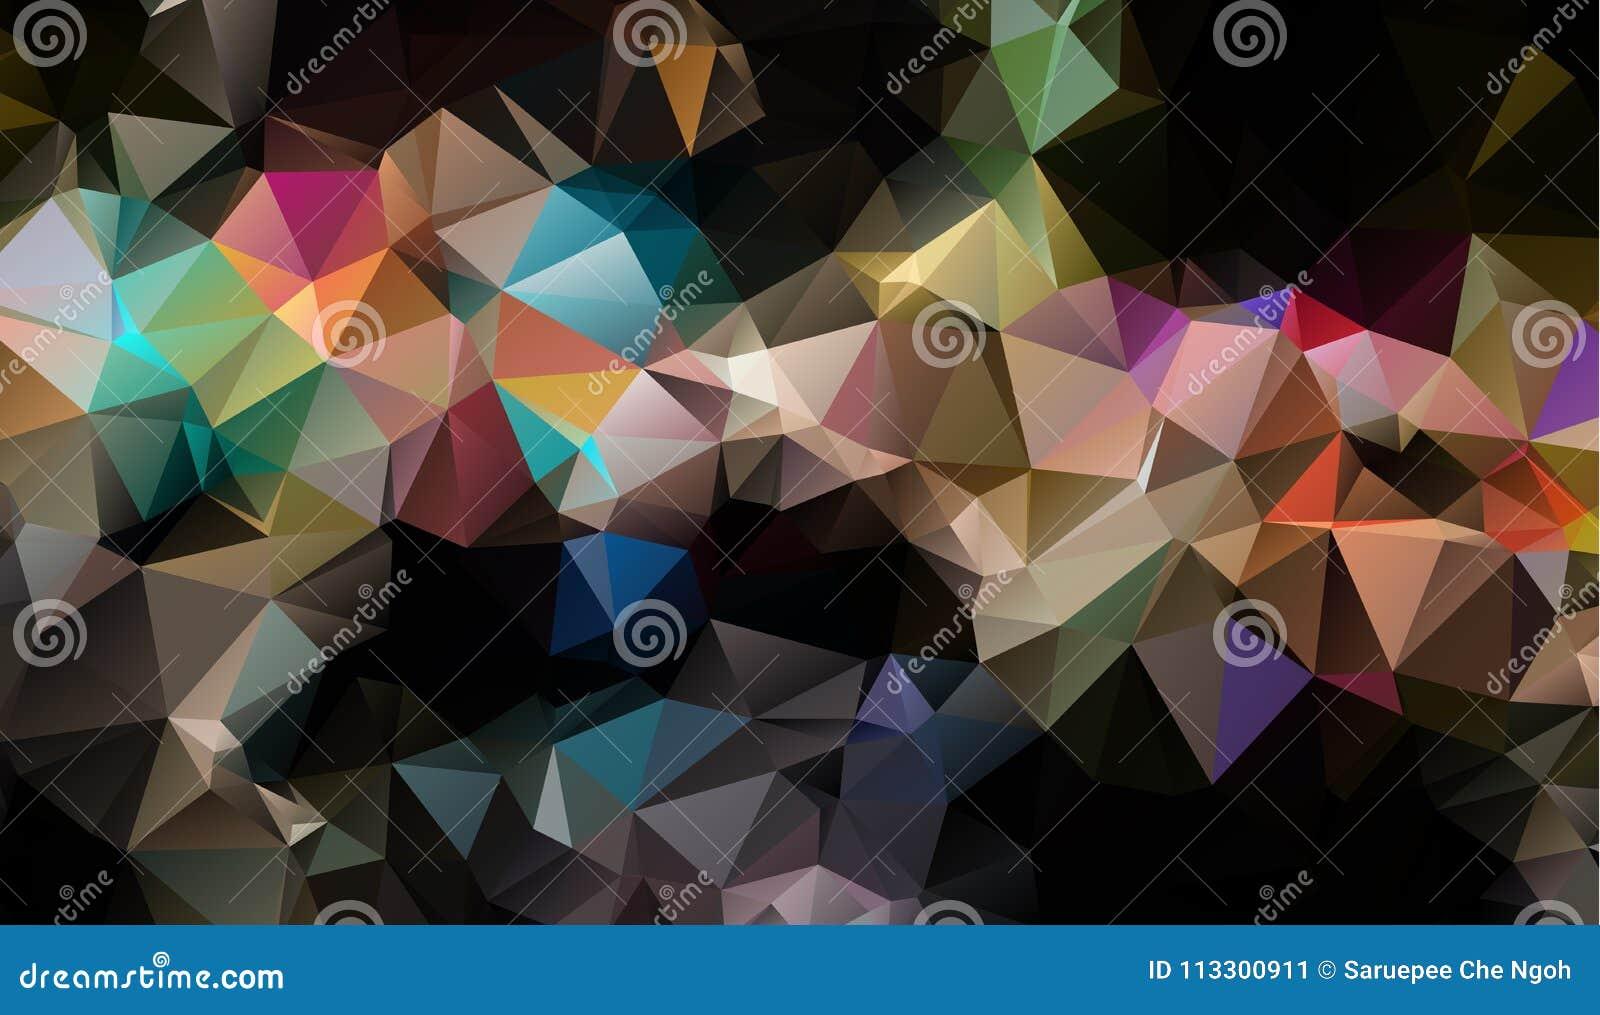 Διανυσματικό υπόβαθρο τριγώνων πολυγώνων αφηρημένο σύγχρονο Polygonal γεωμετρικό Σκοτεινό γεωμετρικό υπόβαθρο τριγώνων